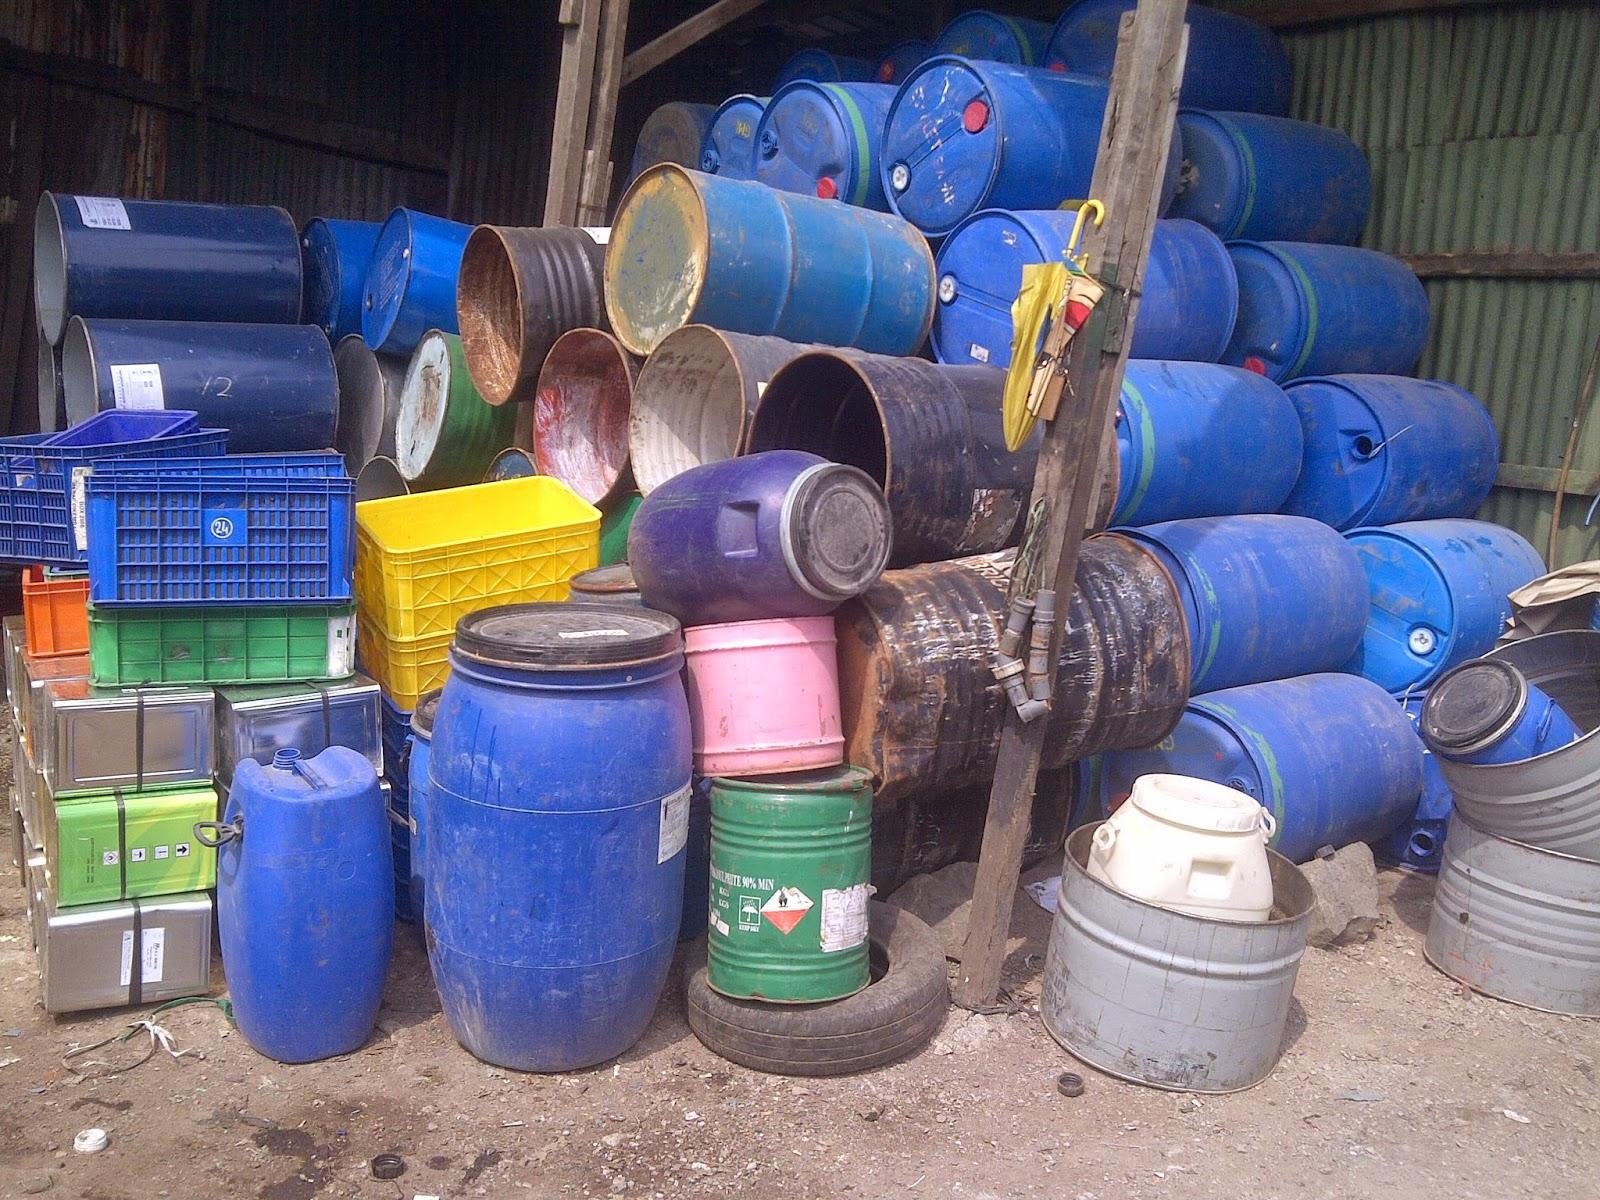 Kami Siap Memenuhi Pesanan Untuk Kebutuhan Pabrik Dalam Quantity Banyak Maupun Sedikit Adapun Gudang Terletak Di Jl SoekarnoHatta No122 Kota Bandung